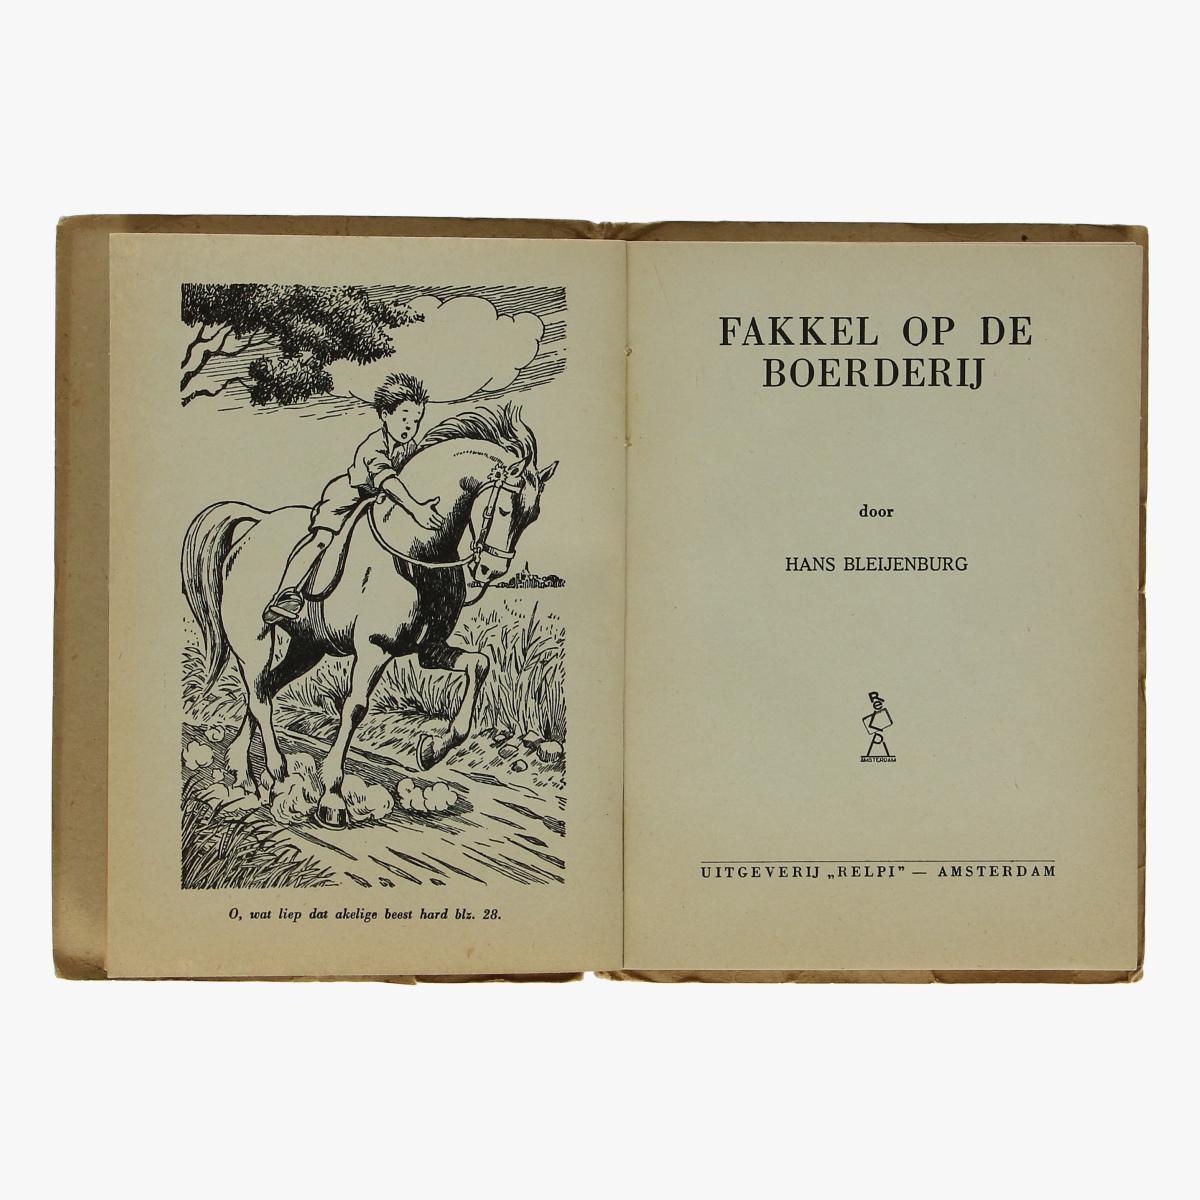 Afbeeldingen van boek fakkel op de boederij